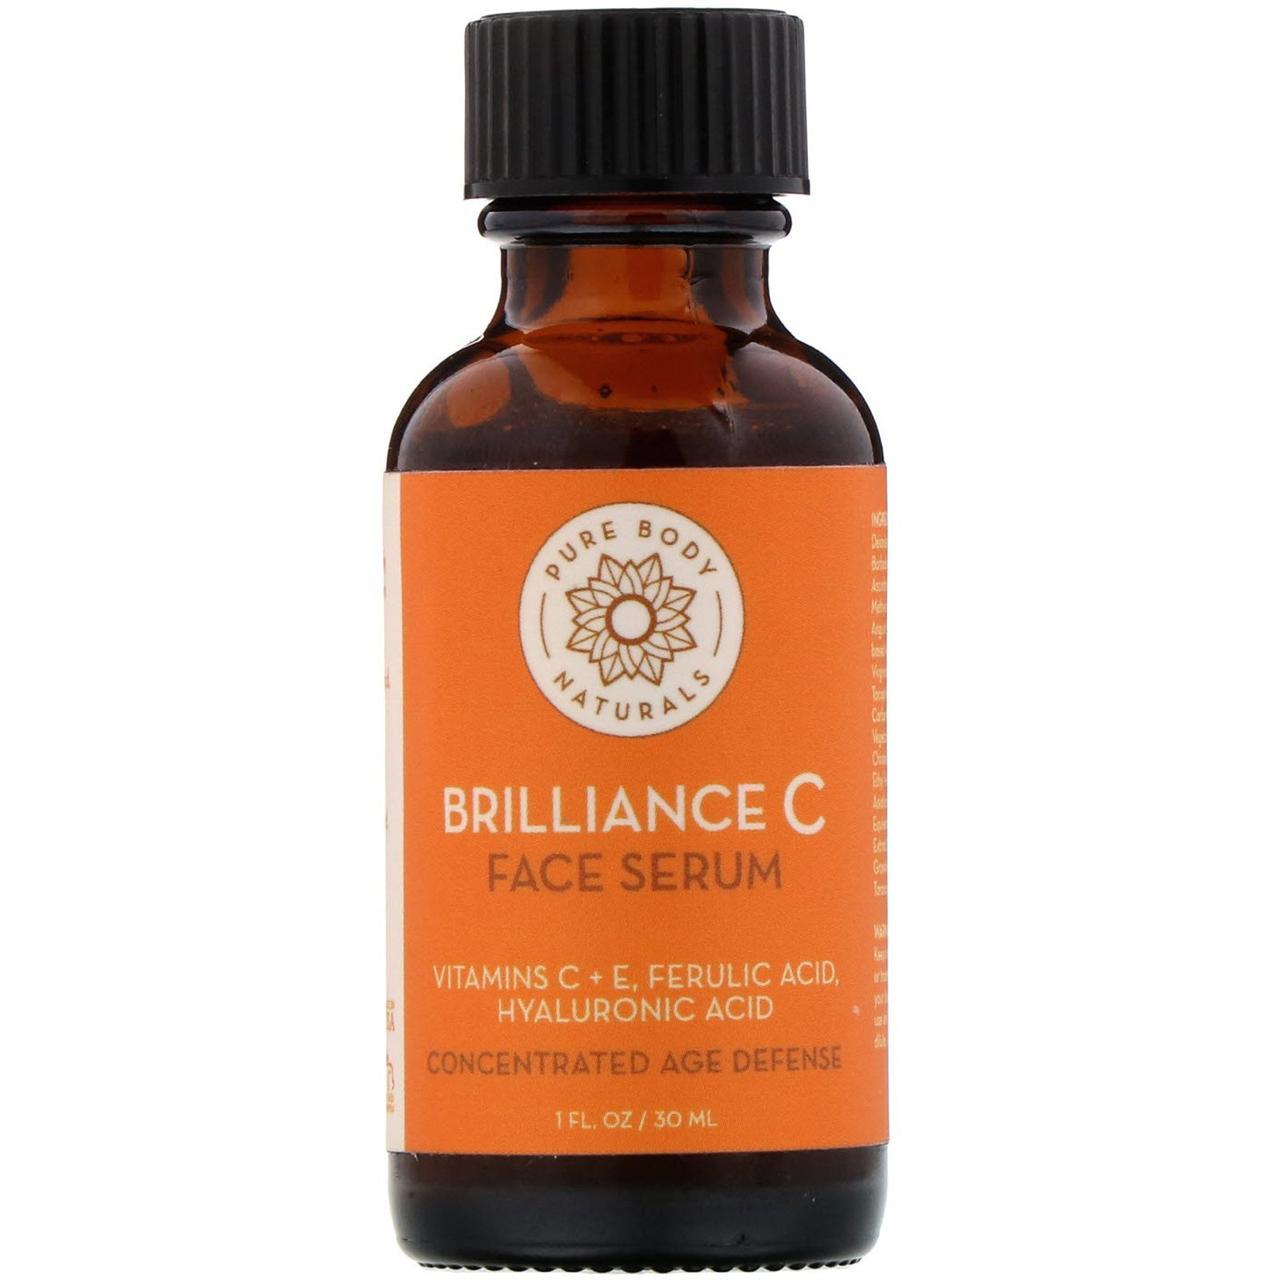 """Сыворотка для кожи лица с витаминами C и E """"Brilliance C"""" от Pure Body Naturals, 30 мл"""